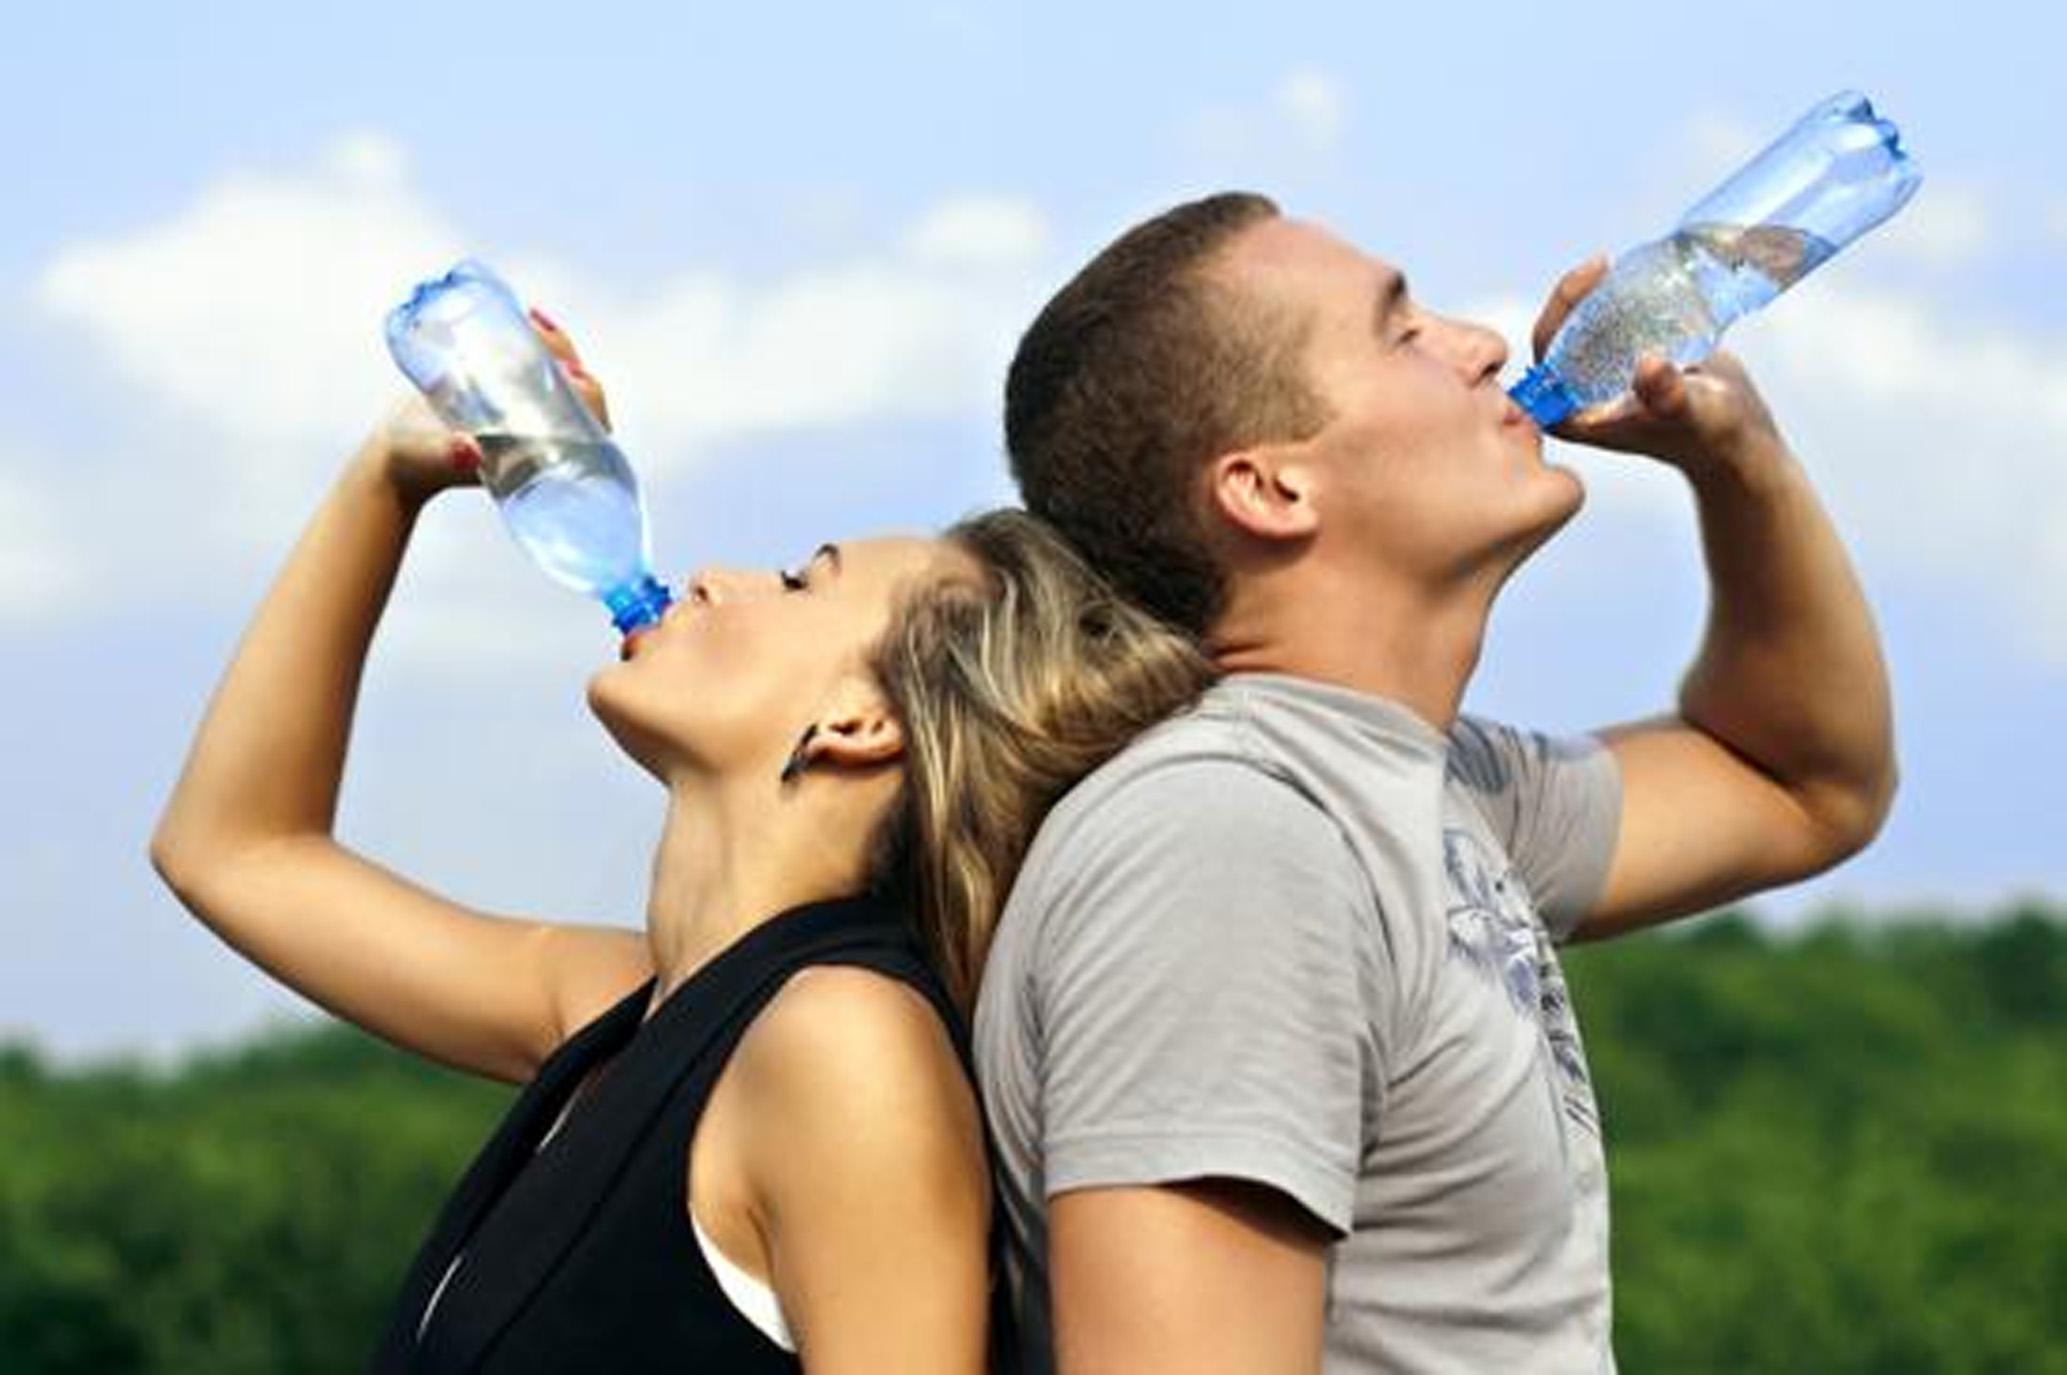 Dizer que água engorda é um mito. E tomar o líquido em jejum na esperança de emagrecer é outra ilusão. Tire mais dúvidas